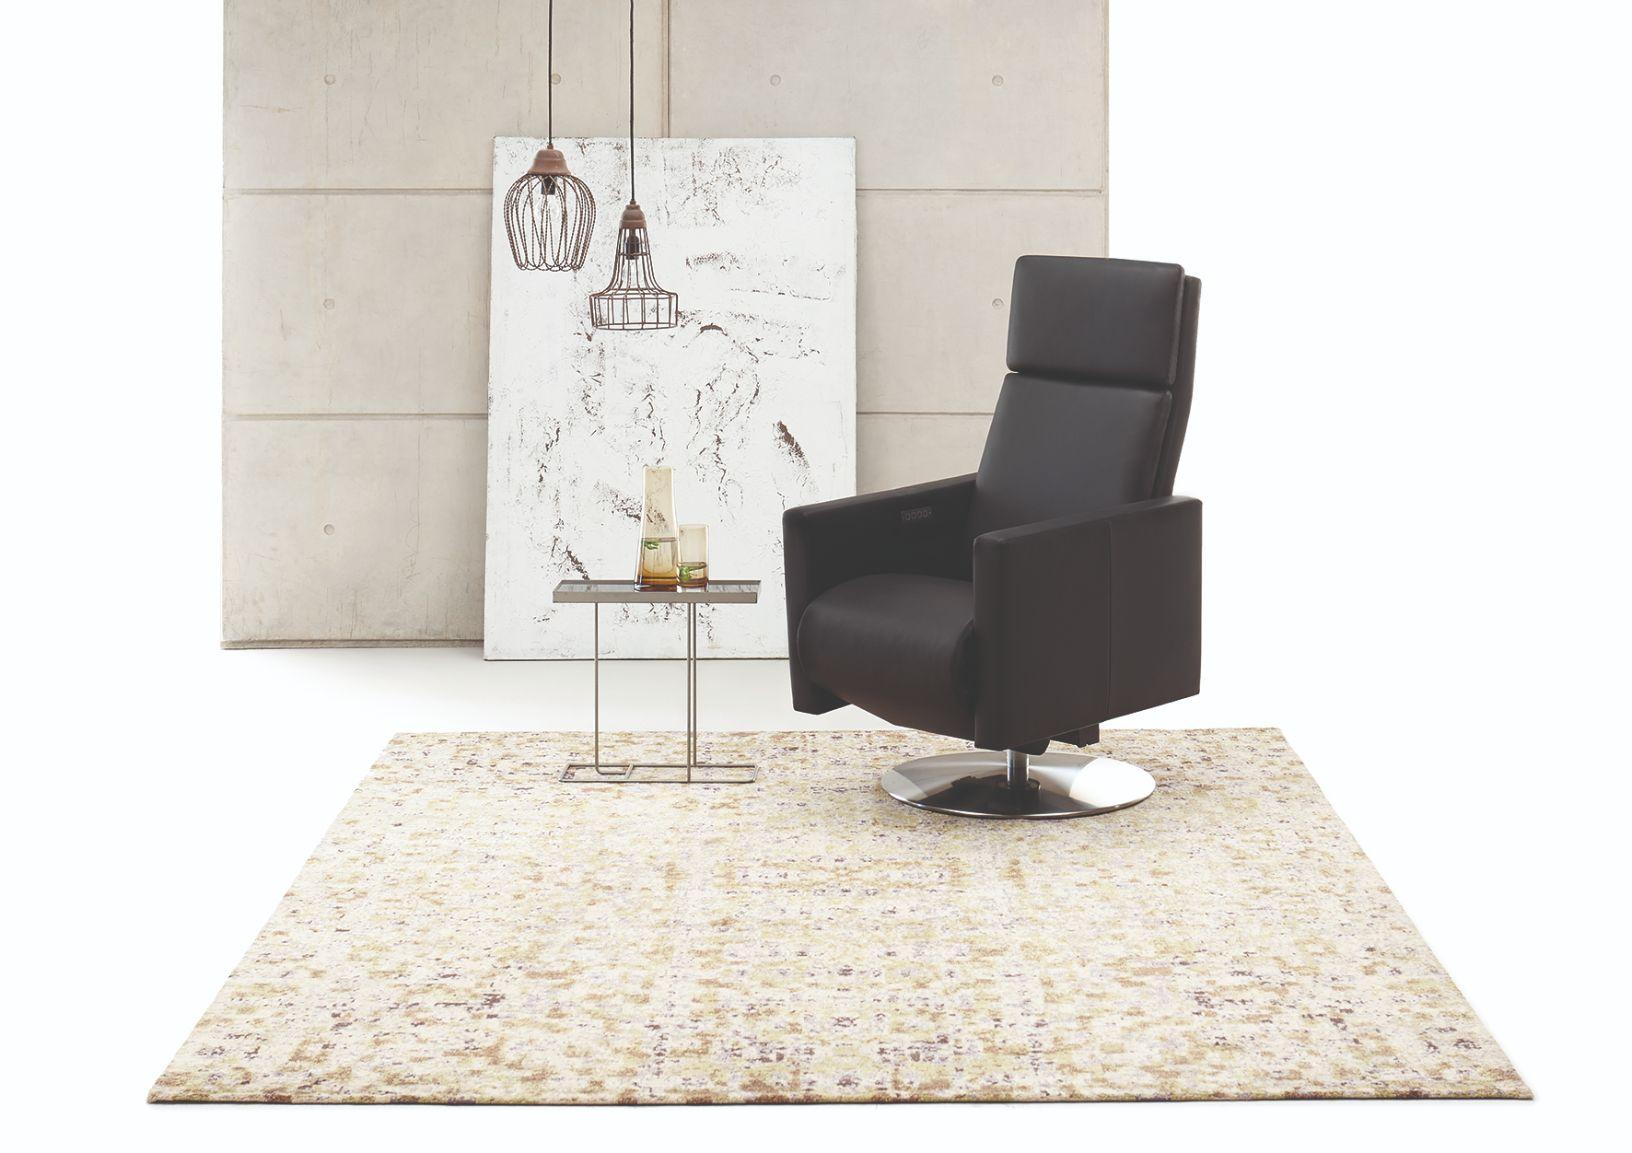 Erpo - EM210 elektrische relaxfauteuil